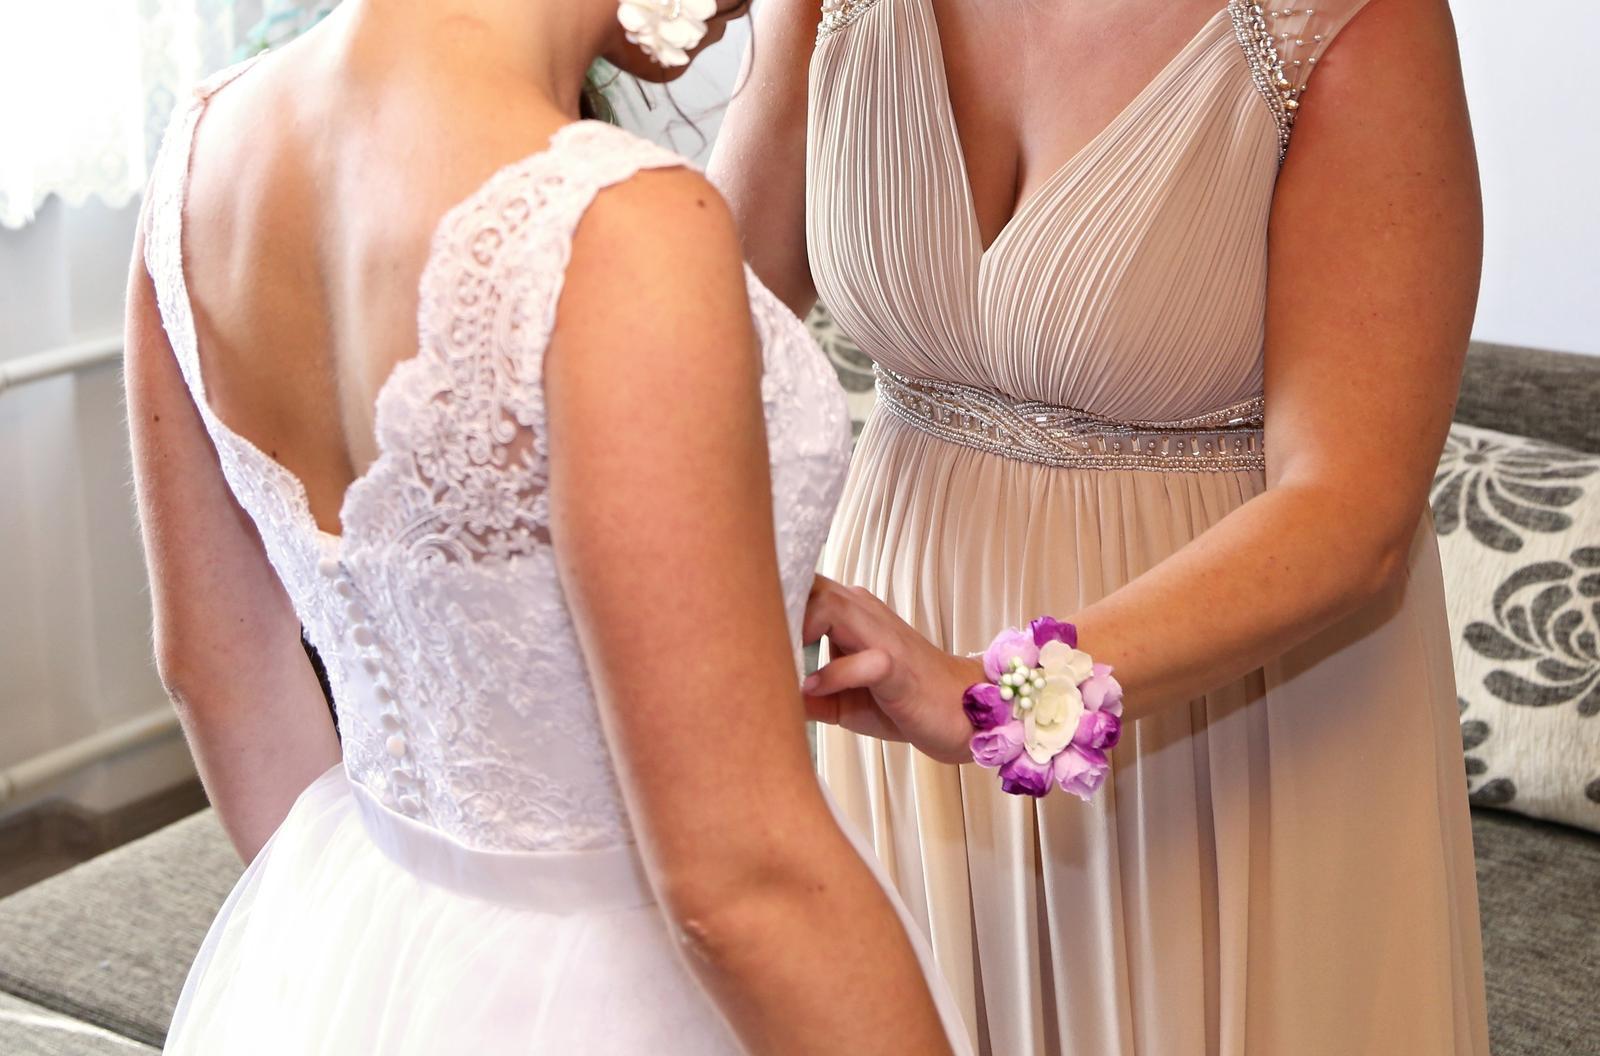 Celokrajkové svadobné šaty s odnímateľnou vlečkou  - Obrázok č. 2